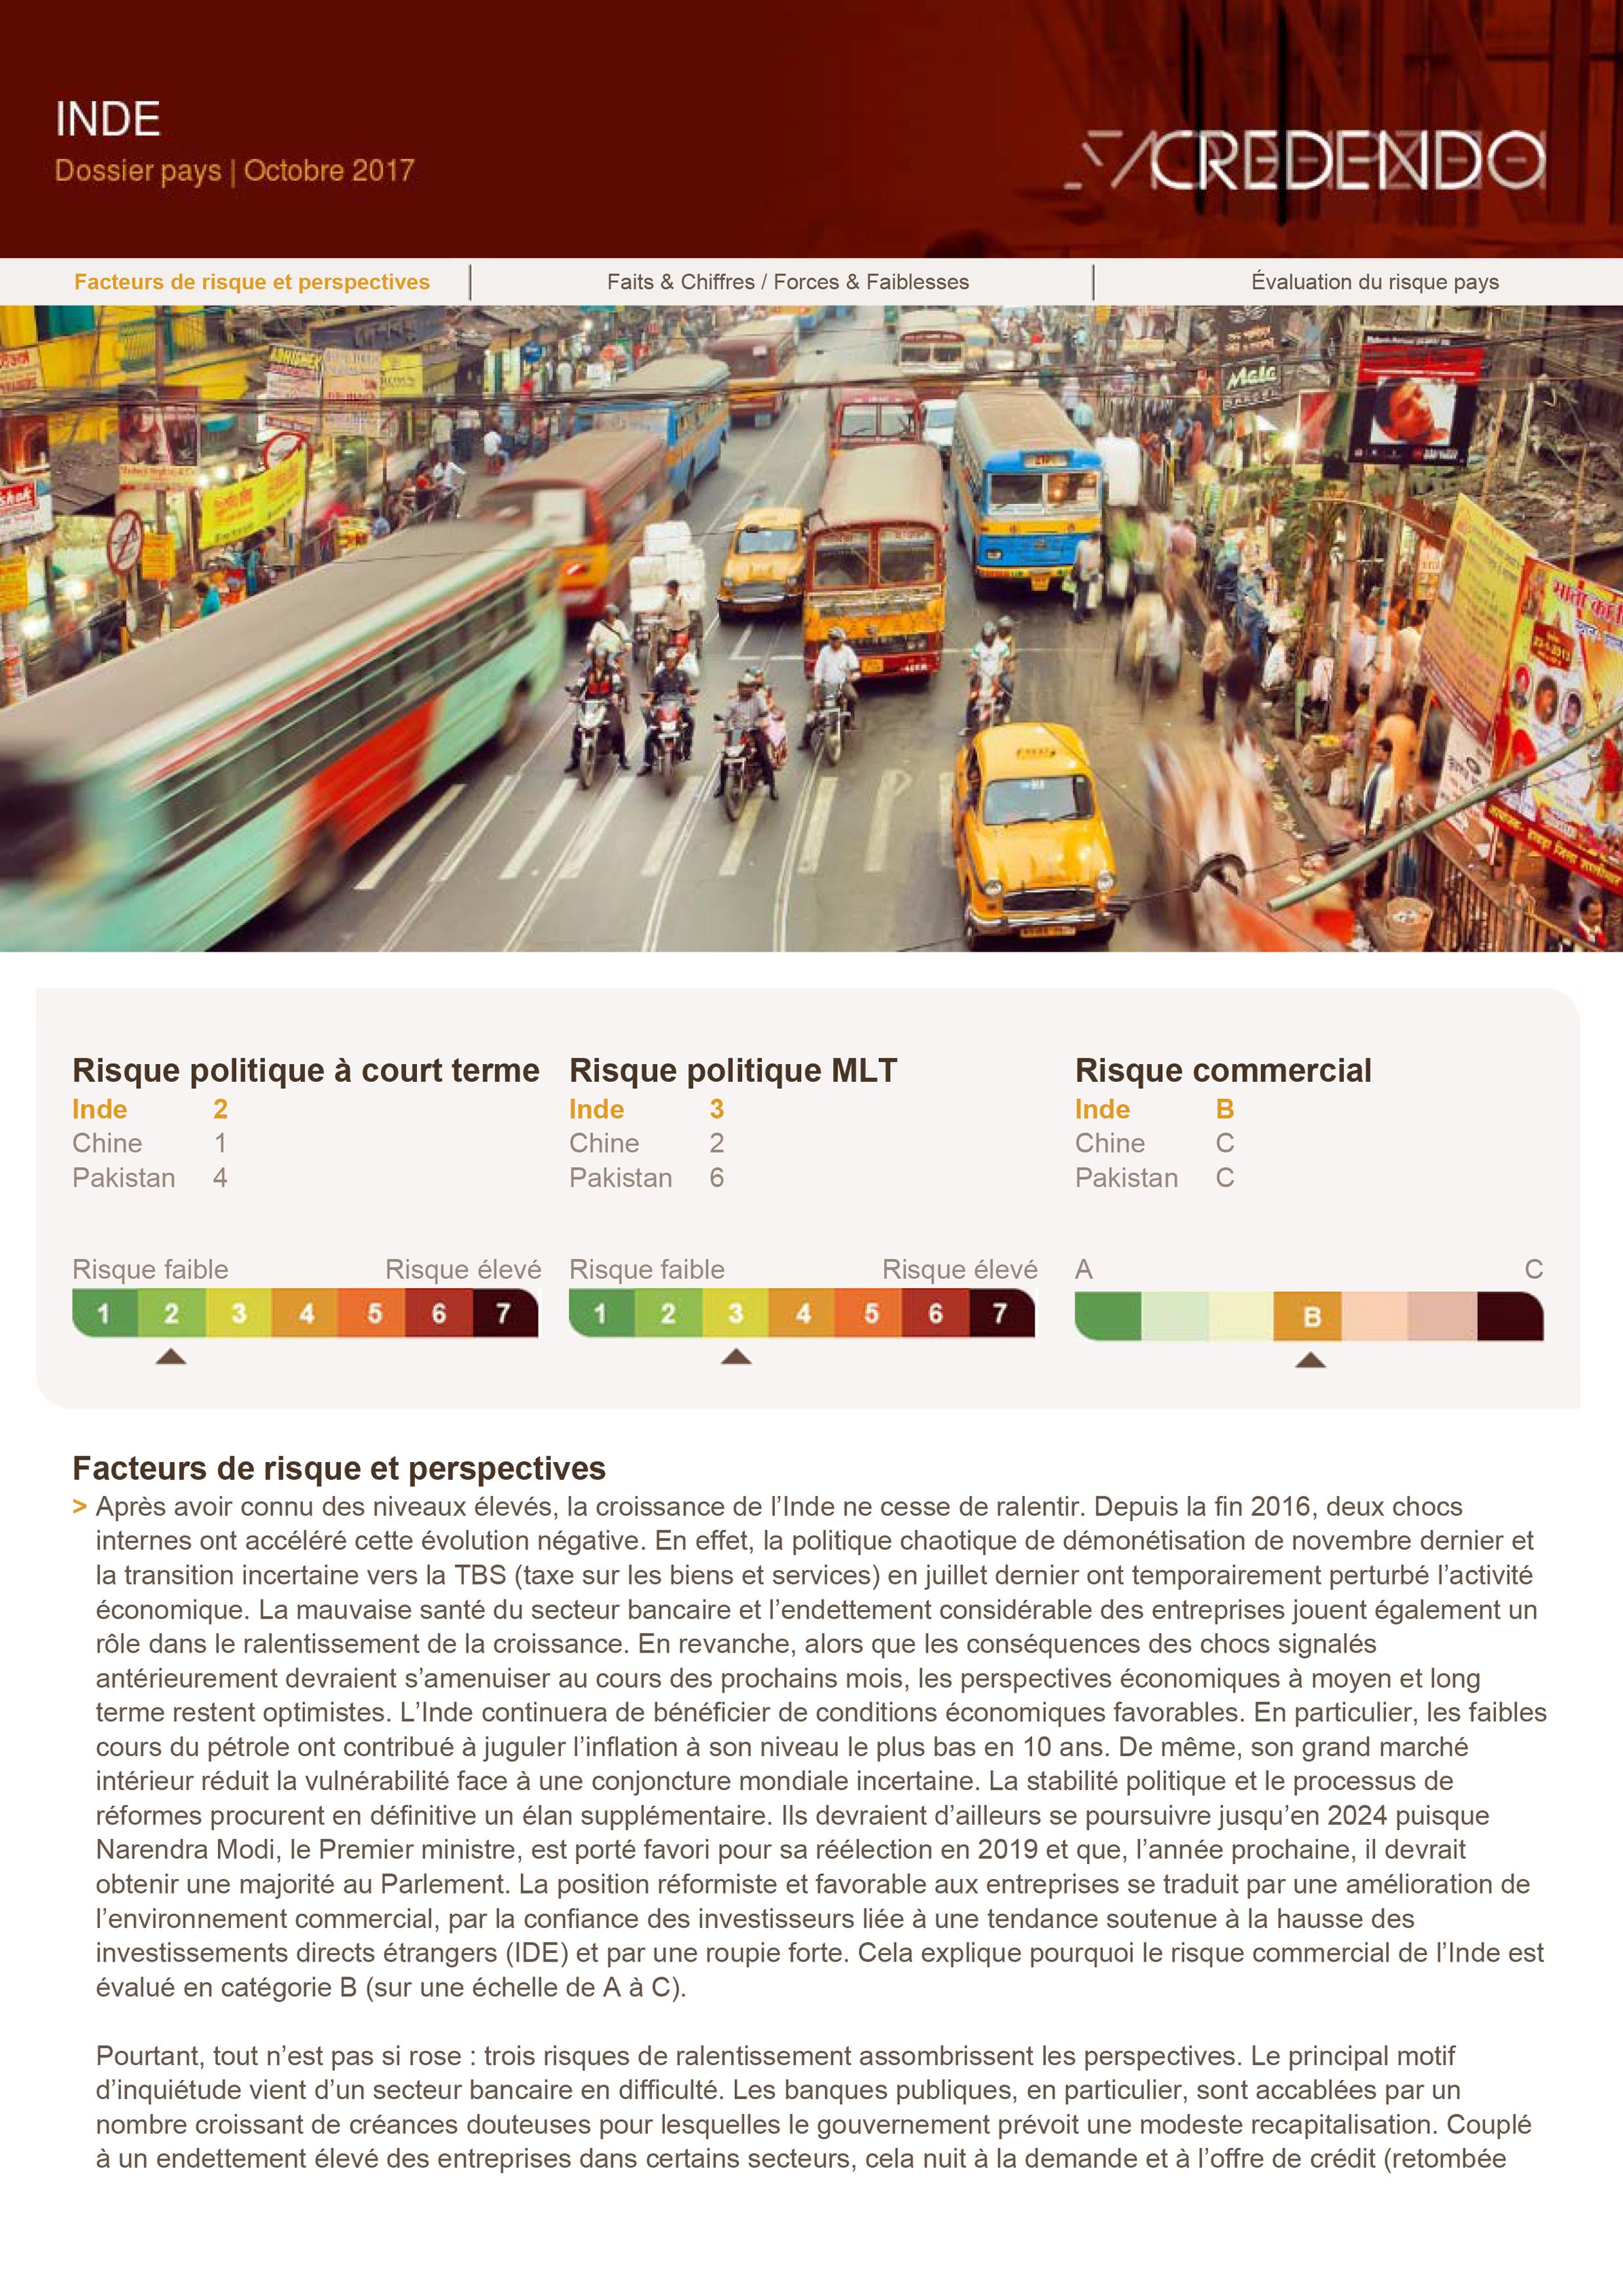 Dossier Pays : Inde – Octobre 2017